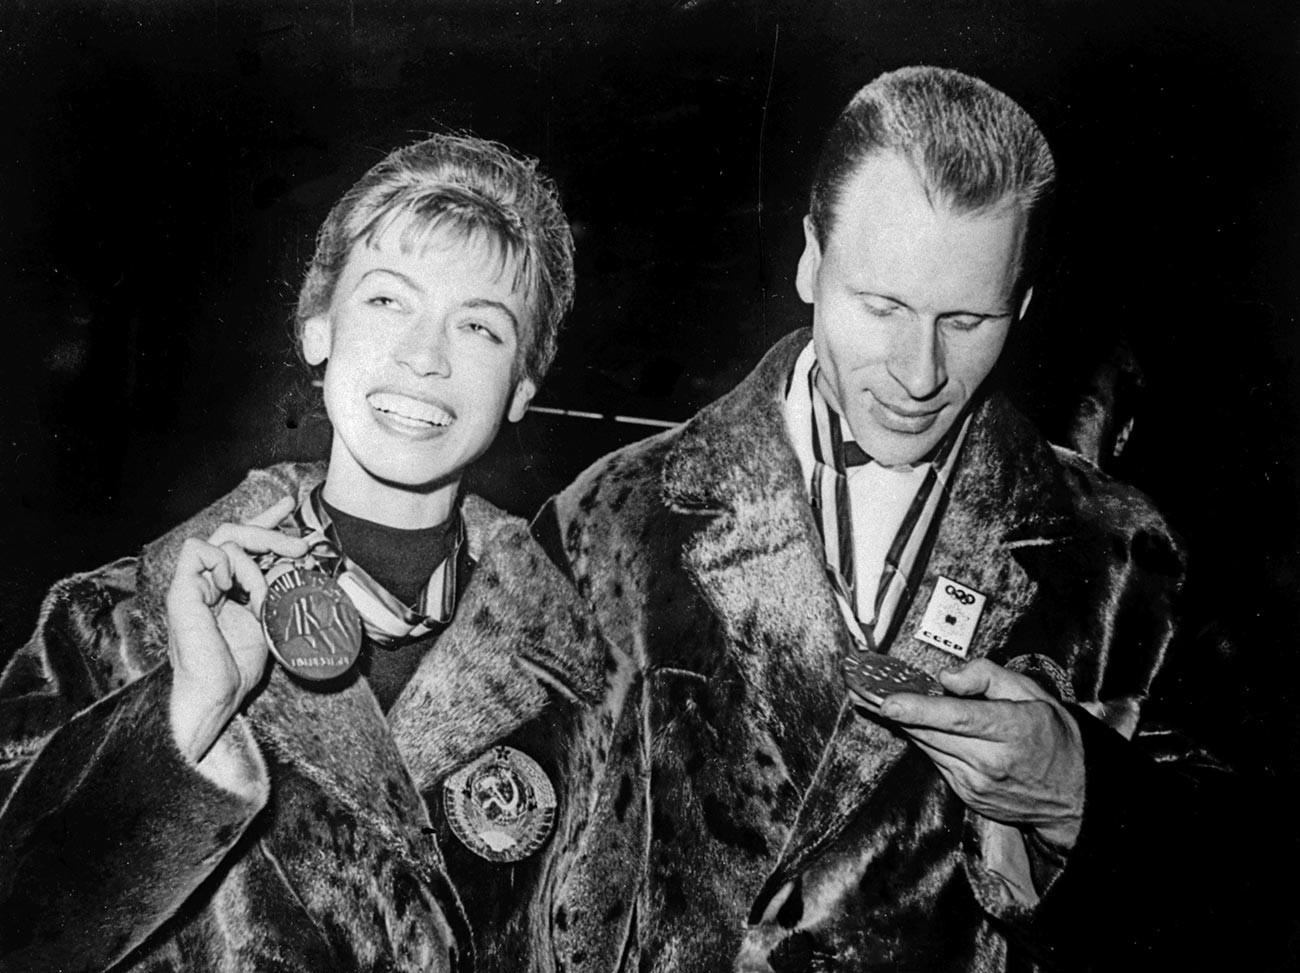 Ludmila Belousova dan Oleg Protopopov.